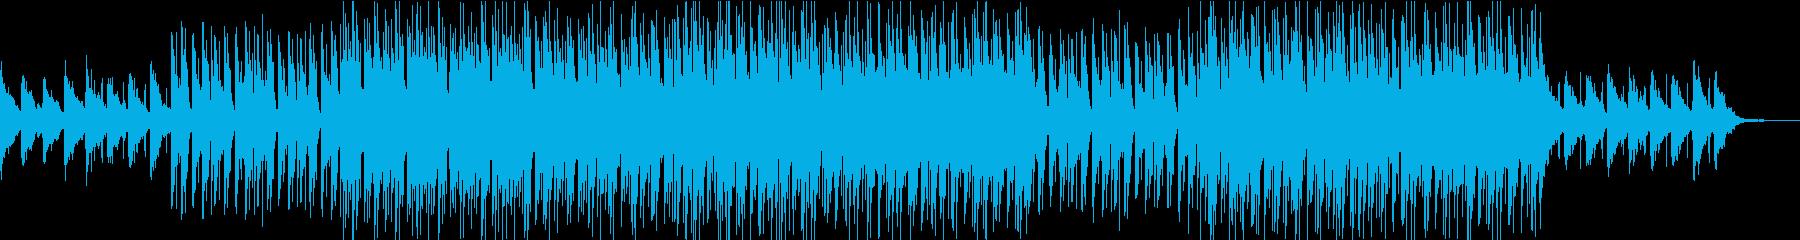 トランペットを使ったネオソウル風ポップの再生済みの波形